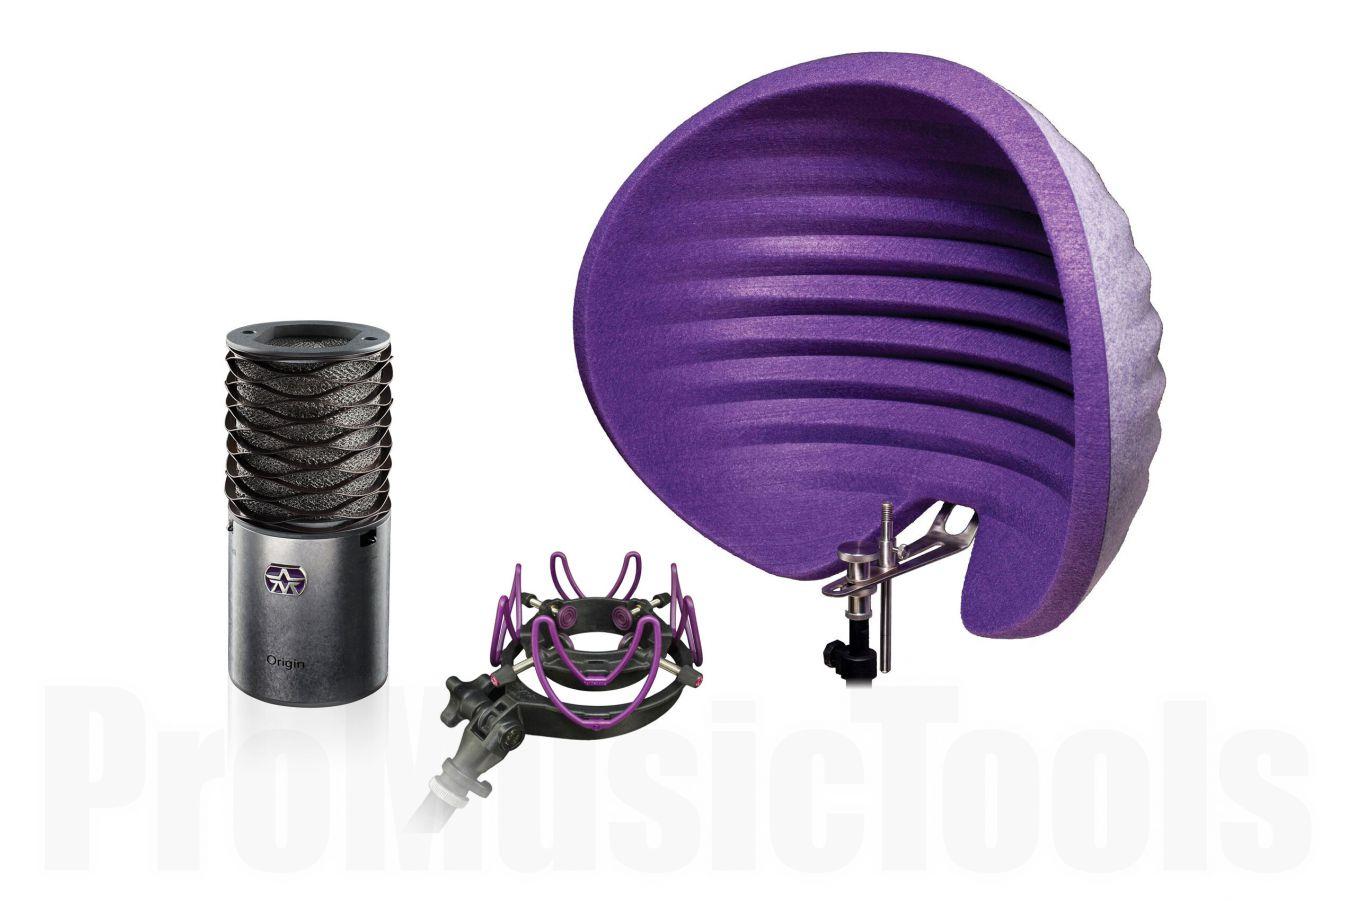 Aston Microphones Origin, Halo Reflection Filter & USM Shock Mount - Bundle offer